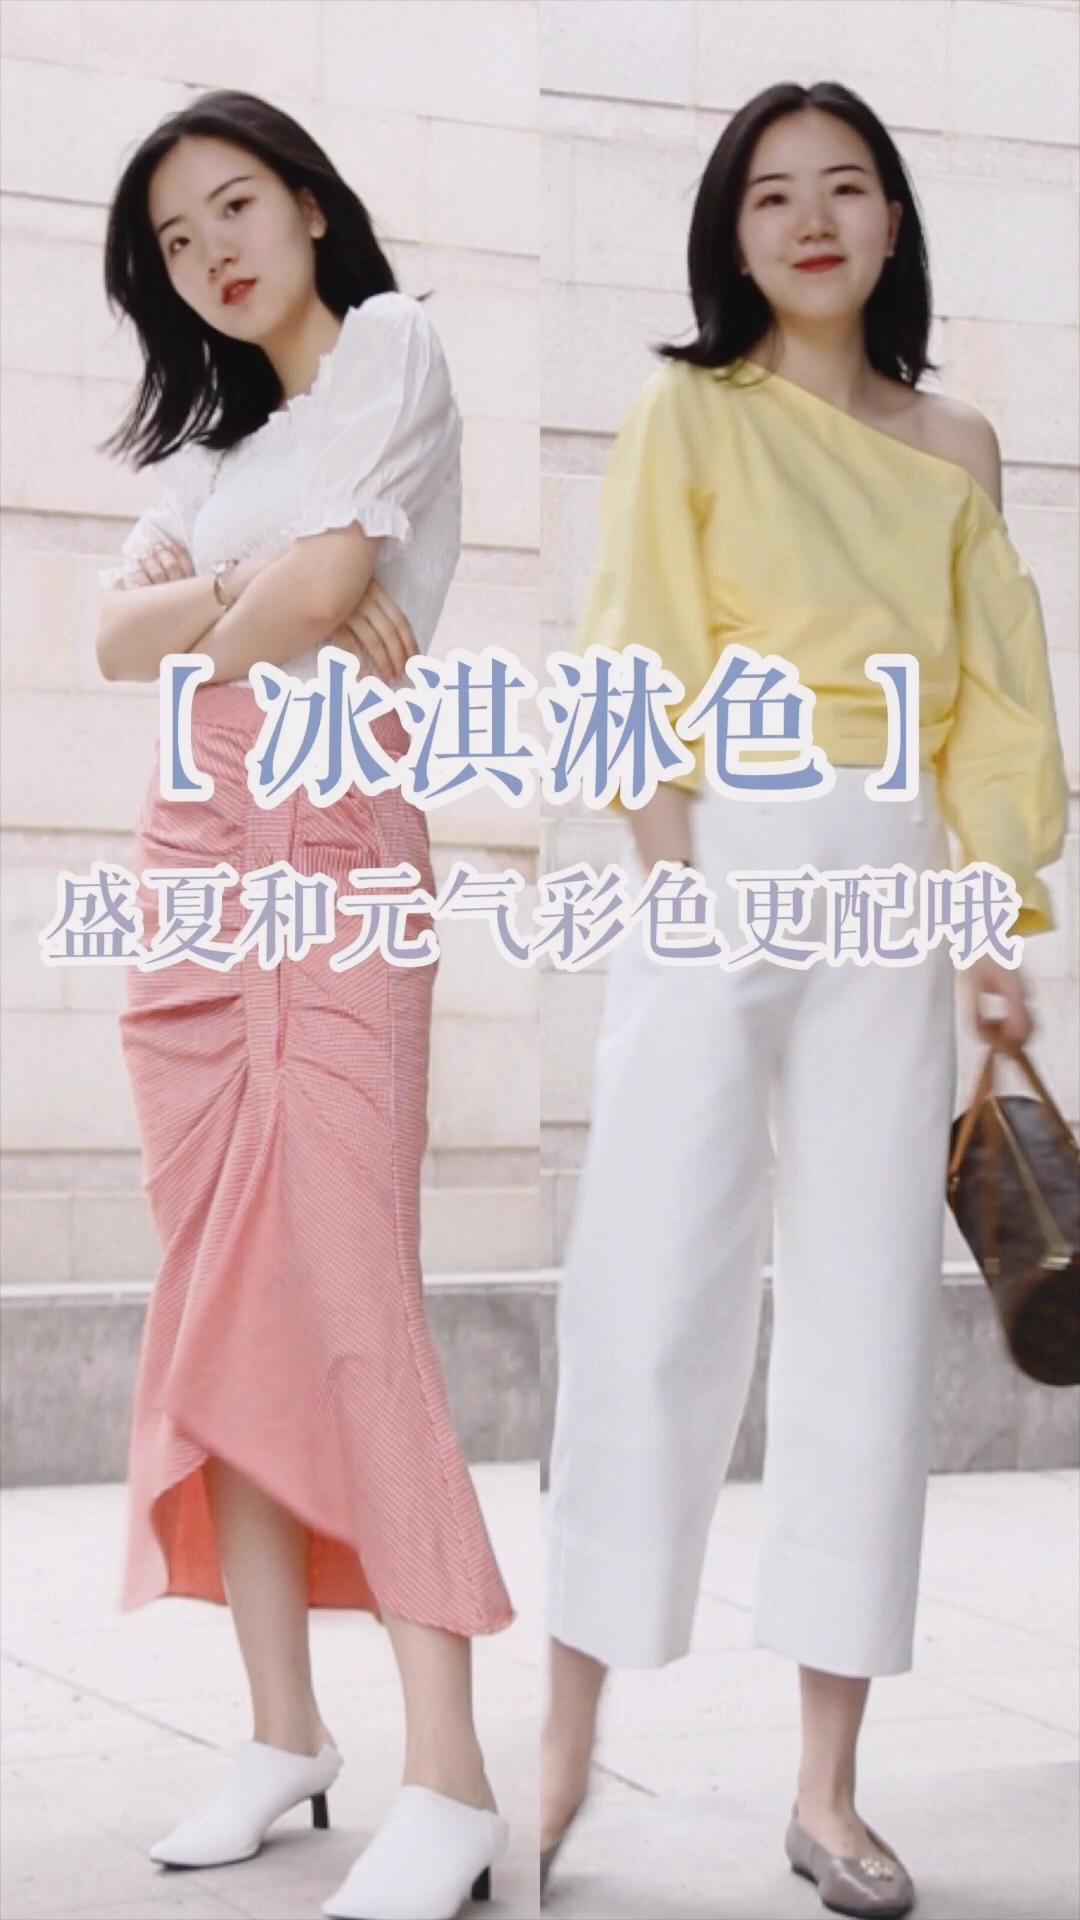 #盛夏和冰淇淋色更配哦!# 两款冰淇凌色的单品~很适合盛夏哦 粉色半裙加入褶皱元素更有时髦感,不会太甜美,搭配清爽的白色上衣甜度刚好,很适合约会穿着~ 鹅黄色上衣超显白,斜肩加腰部绑带以及灯笼袖设计亮点满满,所以下装搭配了极简的白色阔腿裤,全身的点就不会太多啦